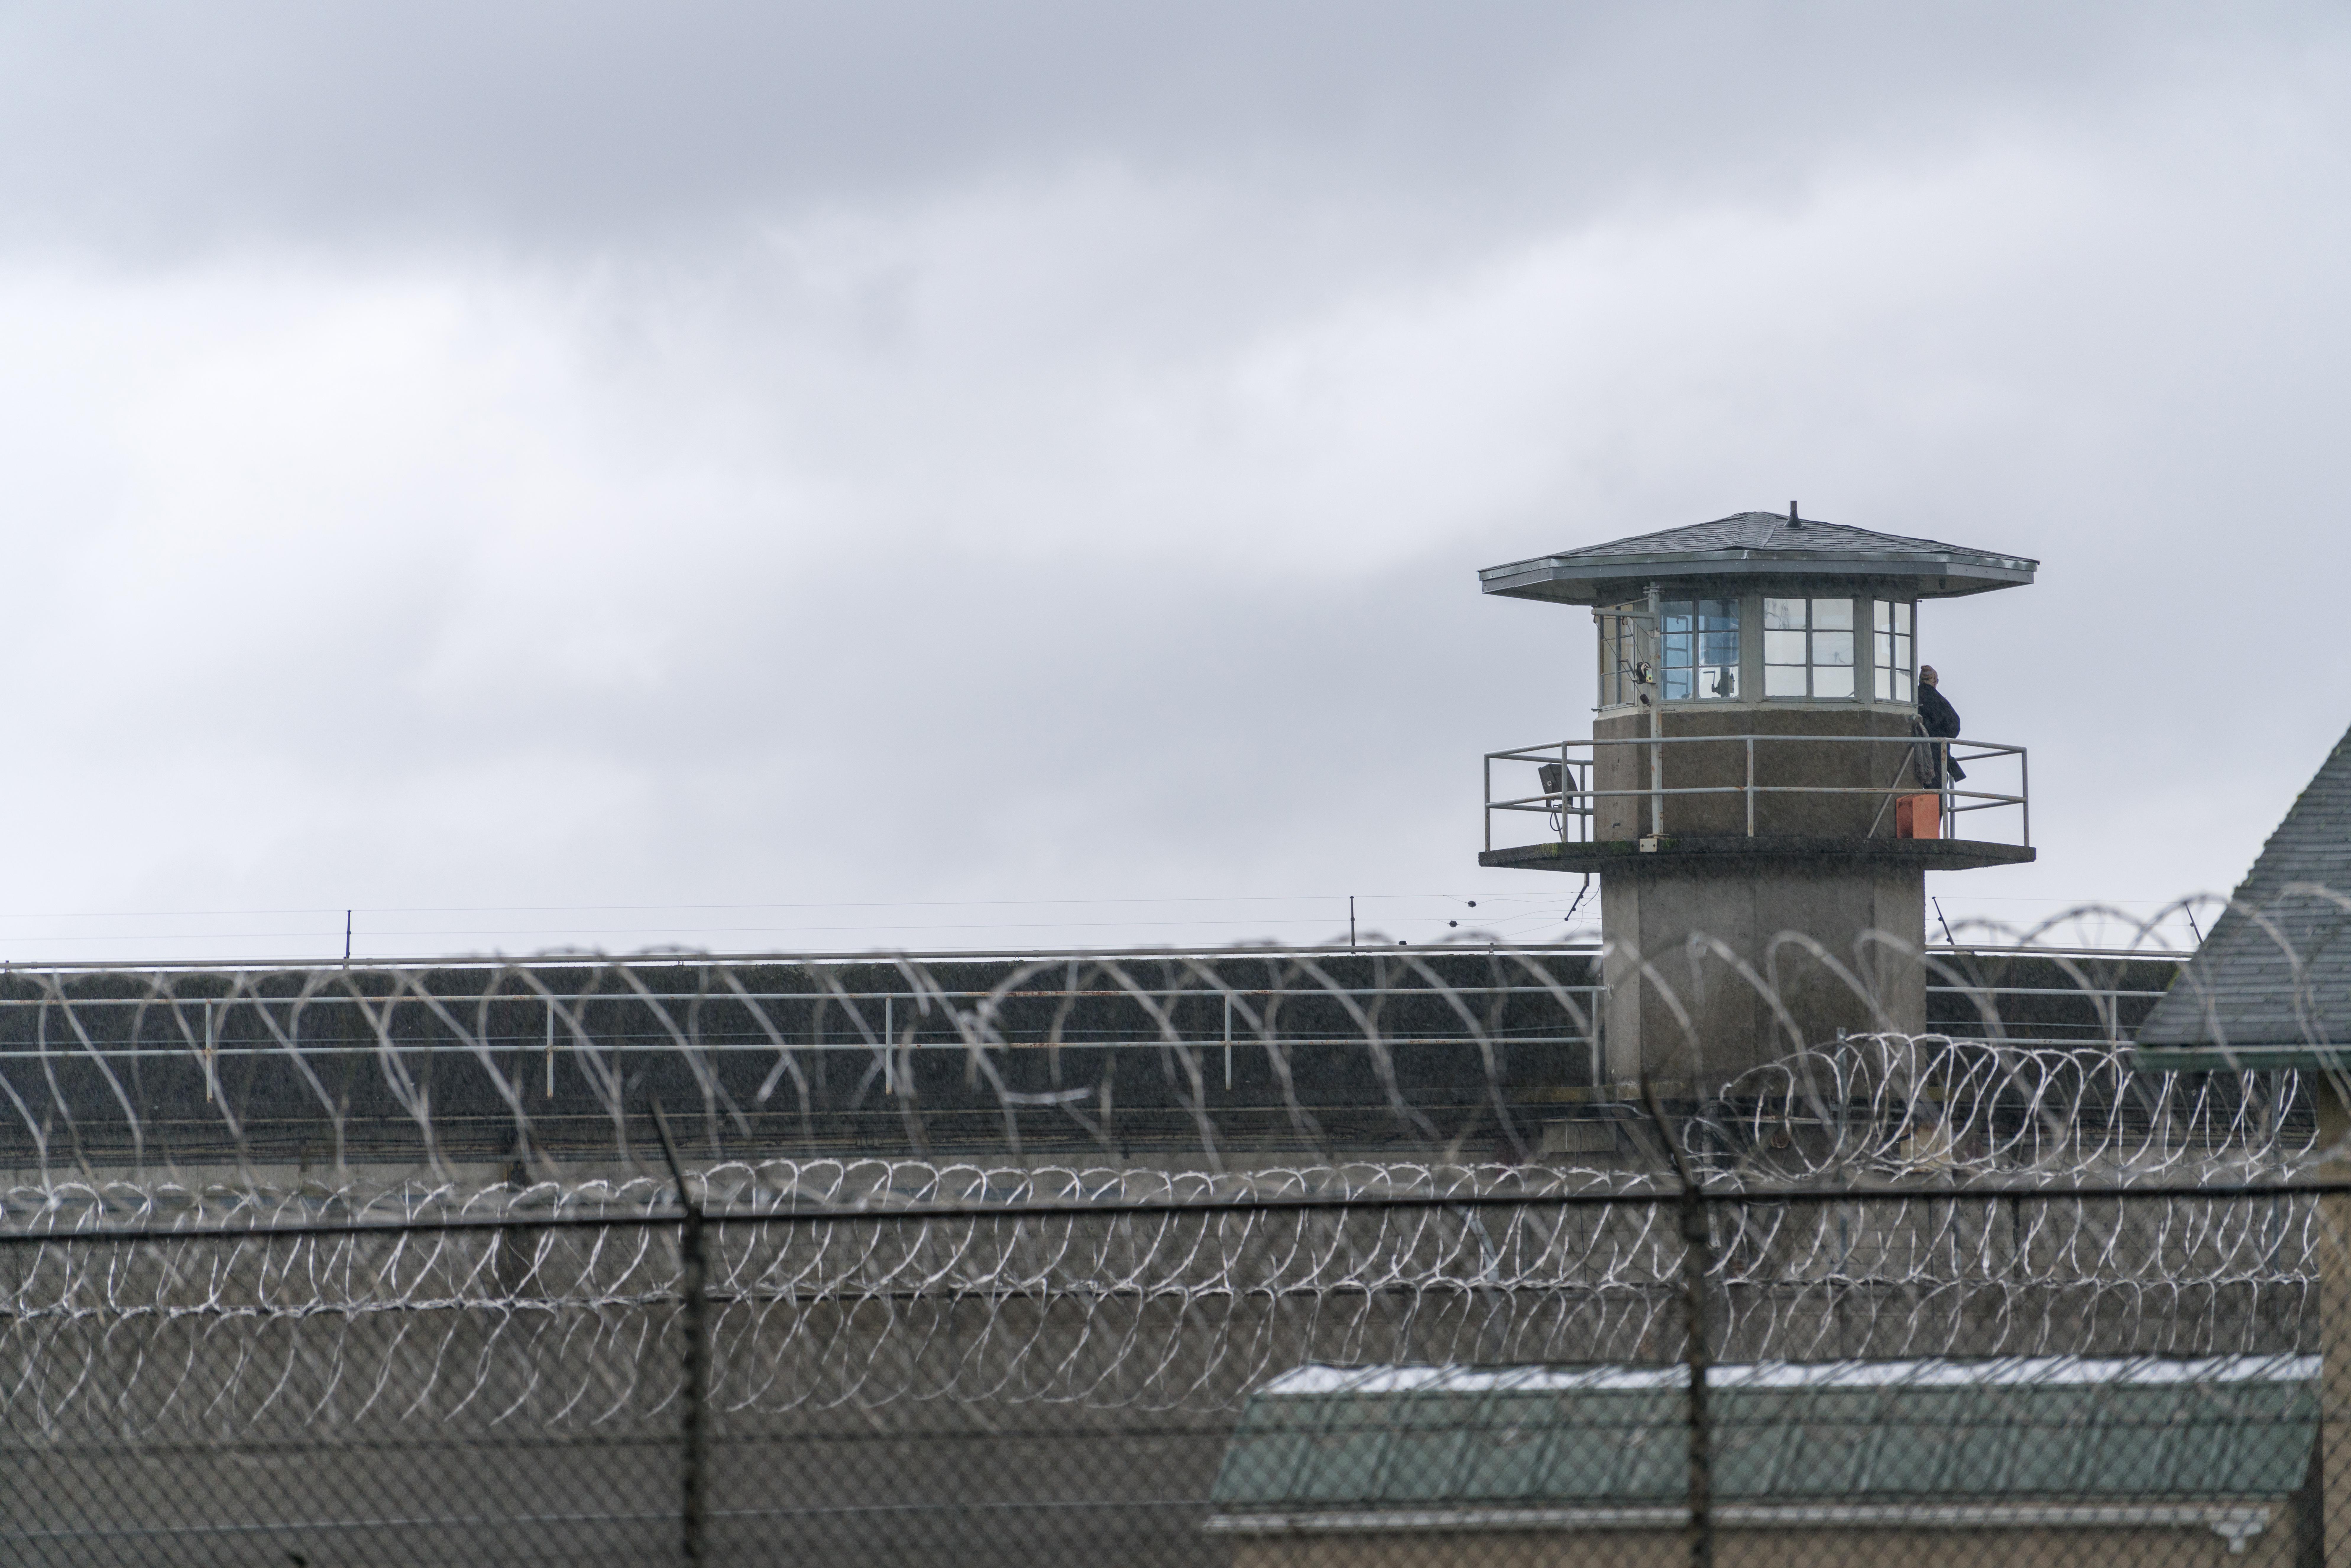 Prison facility (Real Window Creative/Shutterstock)